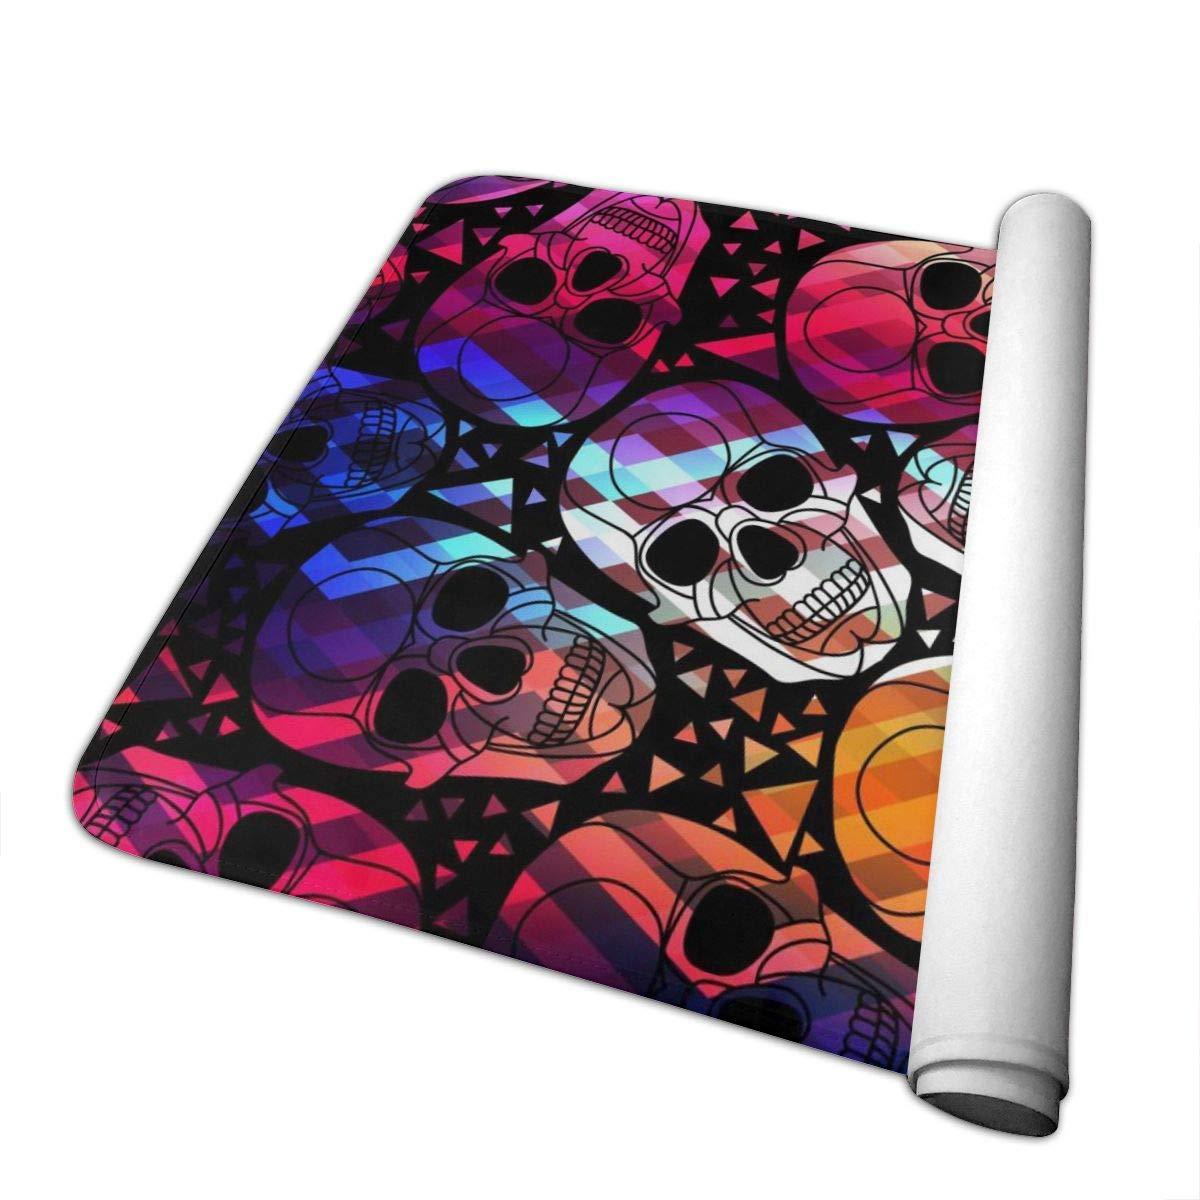 tragbar Gothic-Totenkopf-Design wiederverwendbar 70 x 50 cm Aurora Wickelunterlage